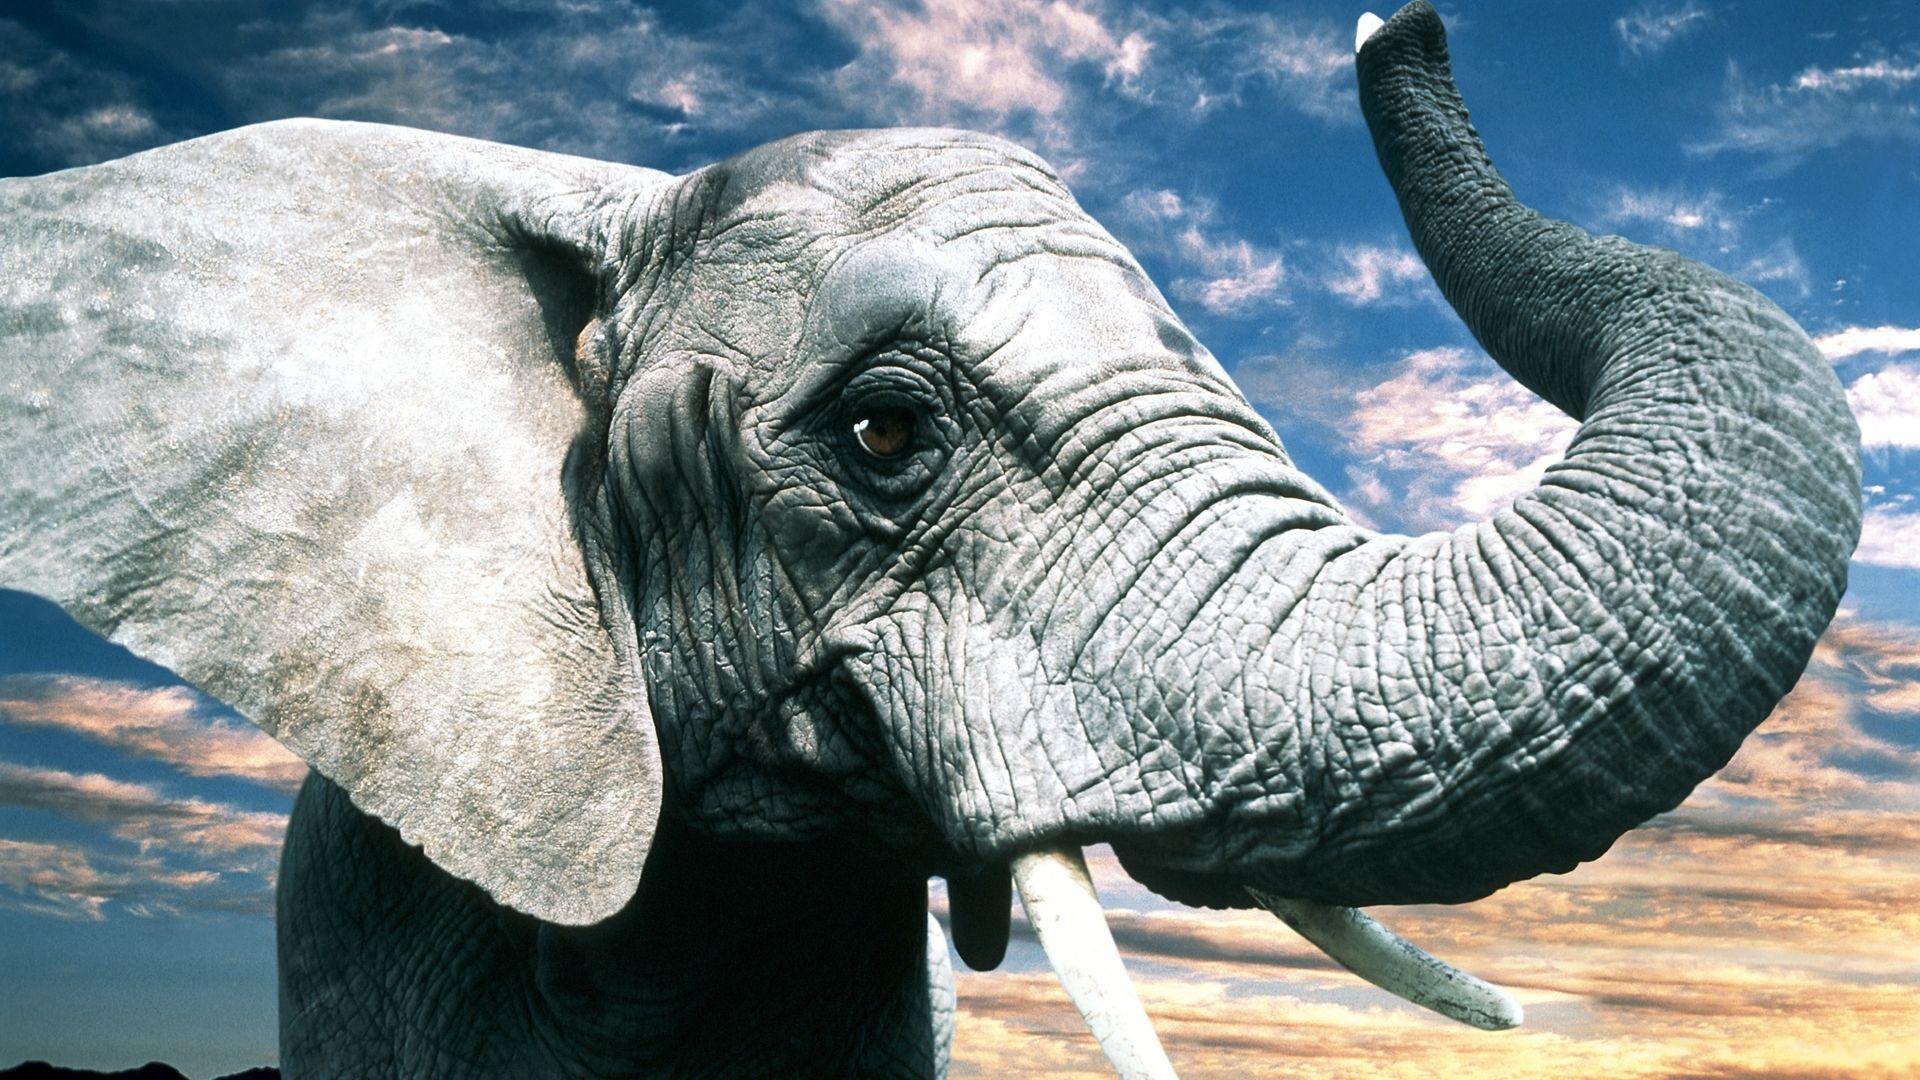 Elephant Hd Wallpaper 1080p Je11w0 Vefego Com Elephant Grey Elephant Wallpaper Elephant Wallpaper